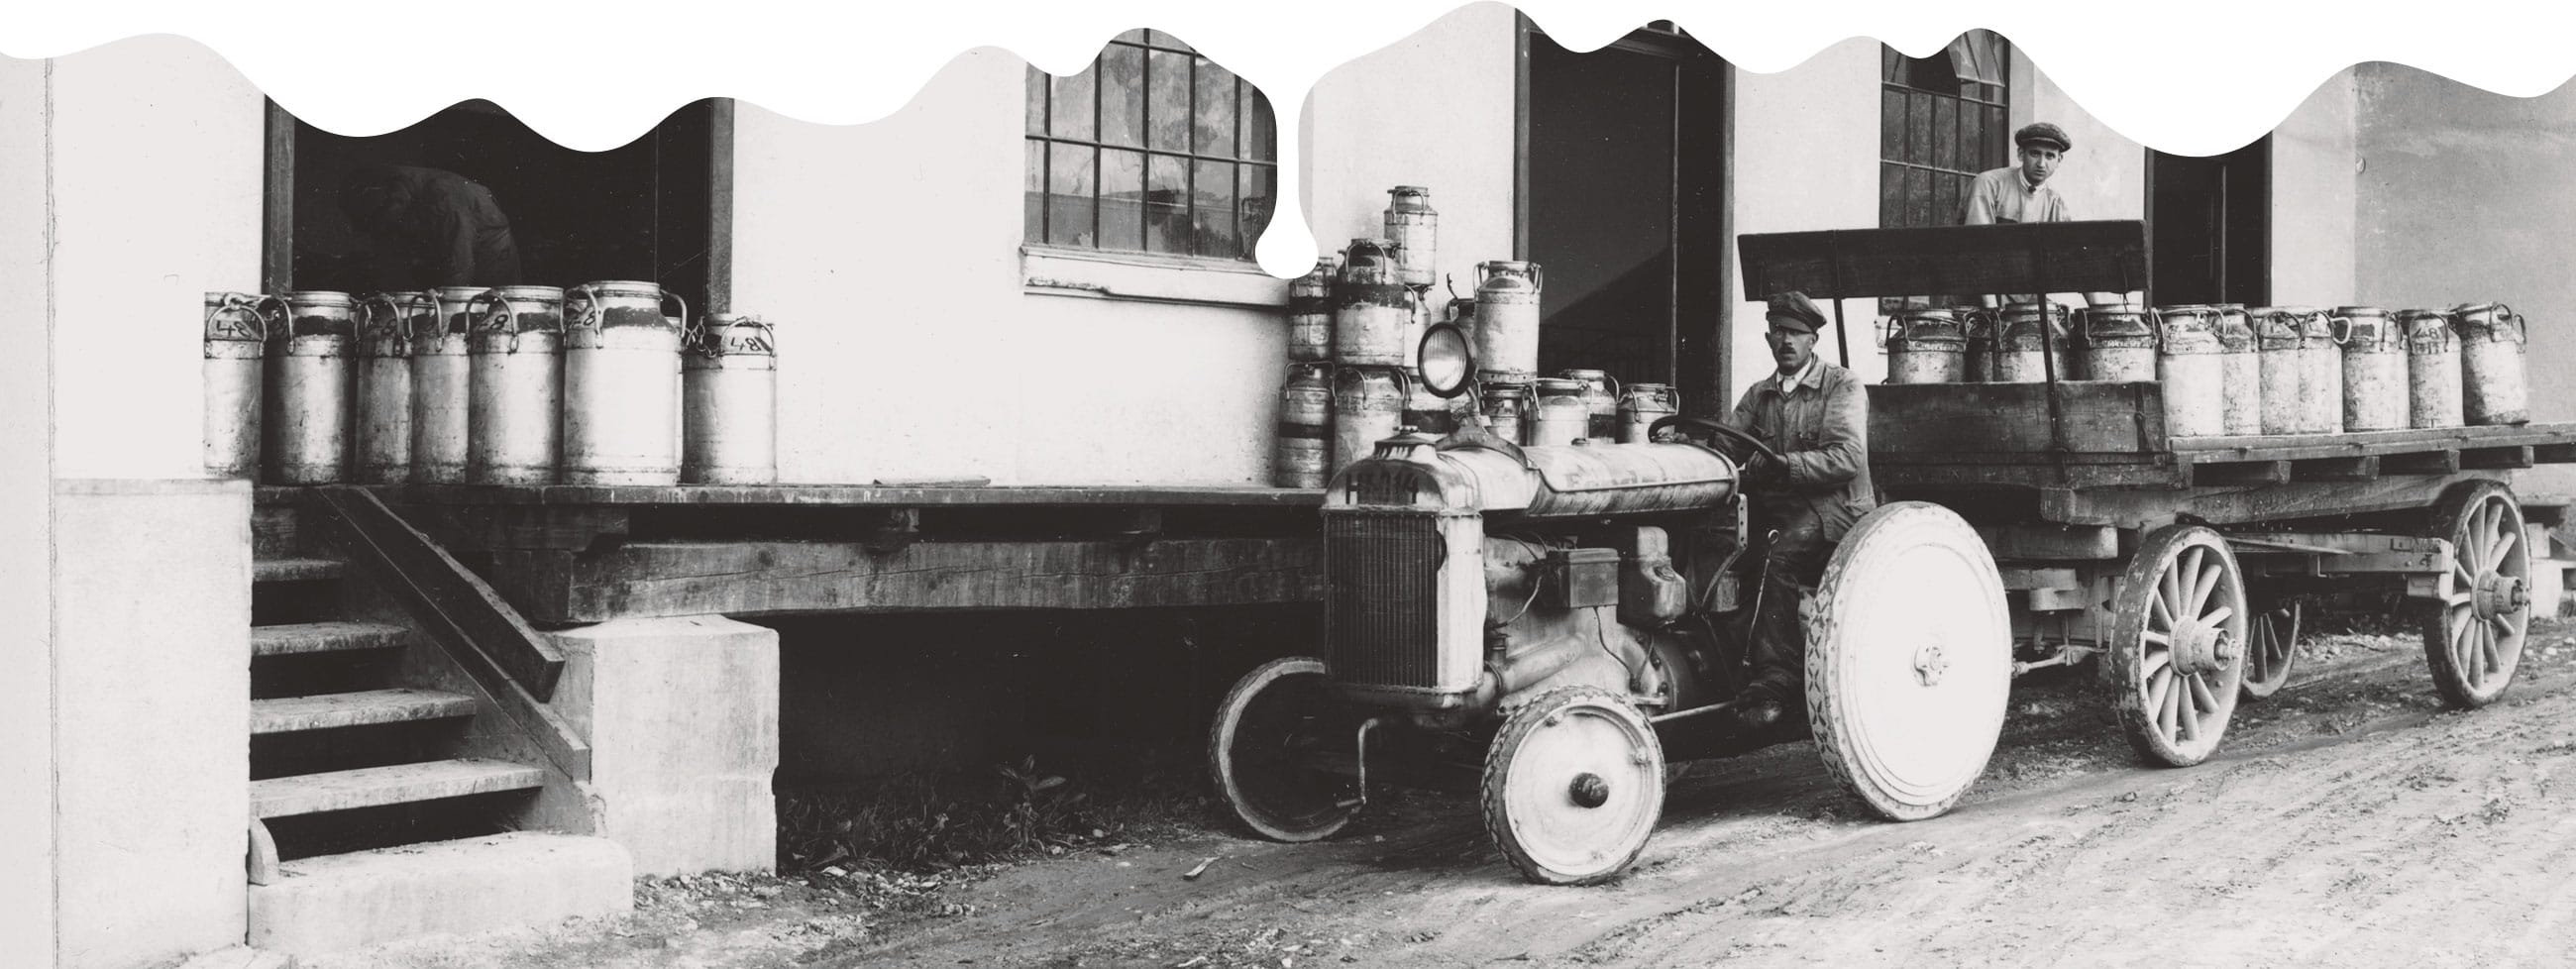 ennstalmilch 1940